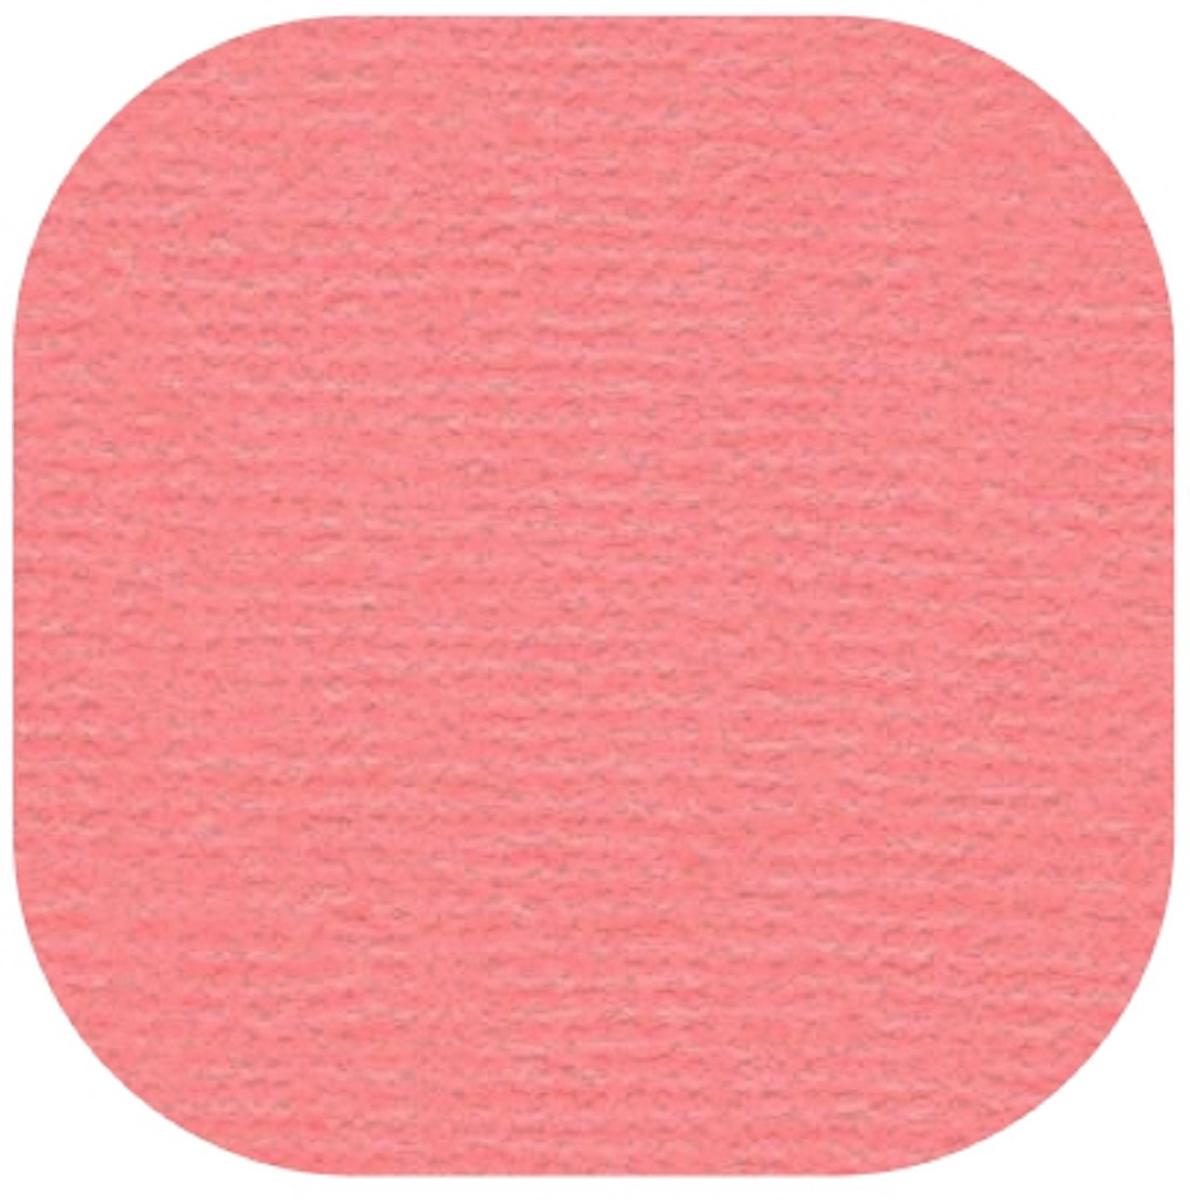 Бумага текстурированная Рукоделие Слоеное мороженое, 30,5 х 30,5 см, 10 листовBO-61Бумага для скрапбукинга односторонняя. Набор текстурированной бумаги позволит создать красивый альбом, фоторамку или открытку ручной работы, оформить подарок или аппликацию. В наборе: 10 листов. Плотность: 235 г/м2.